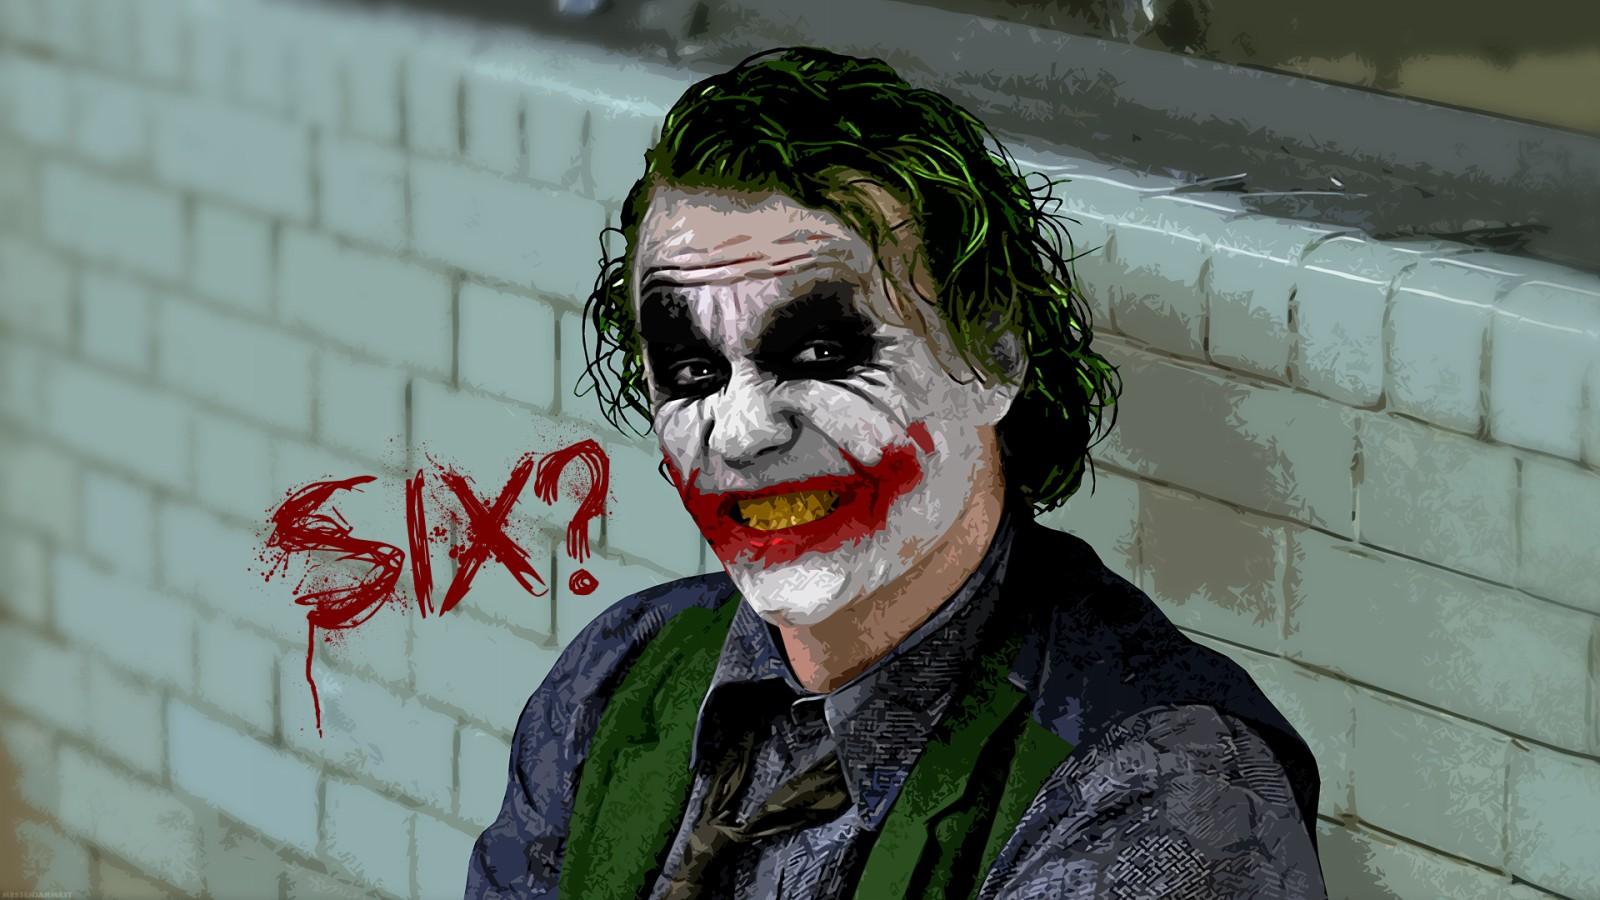 Joker And Batman Wallpaper Wallpapersafari